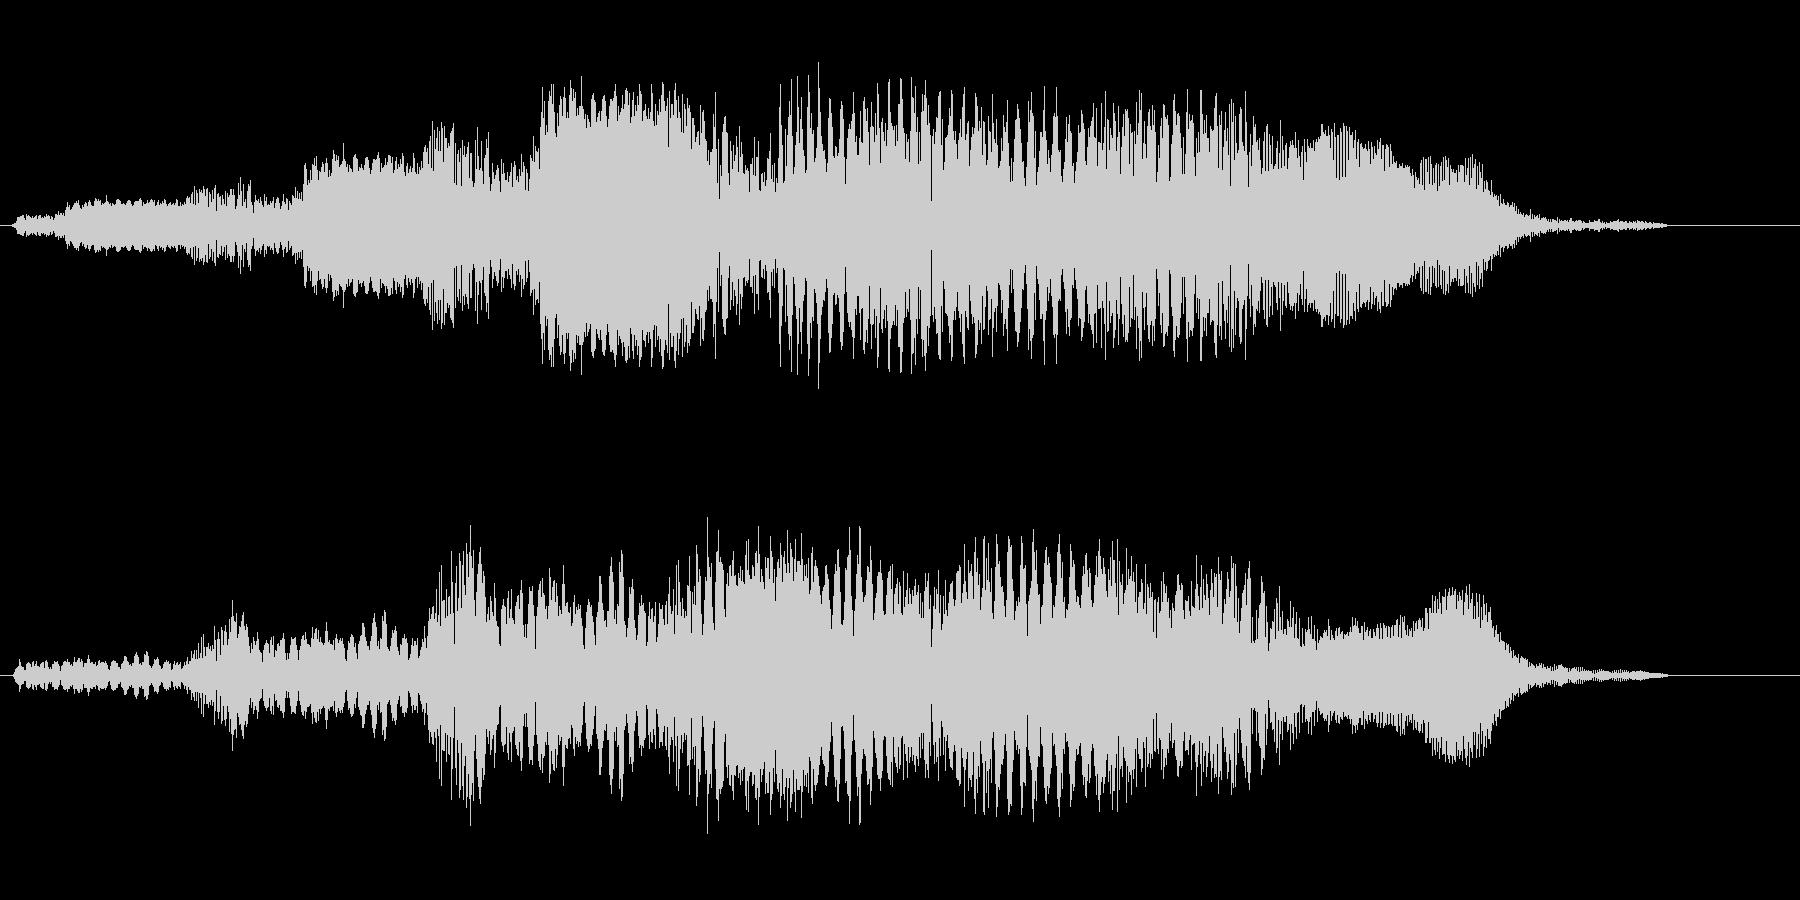 コミカル飛行音(宇宙人の道具の様な音)の未再生の波形